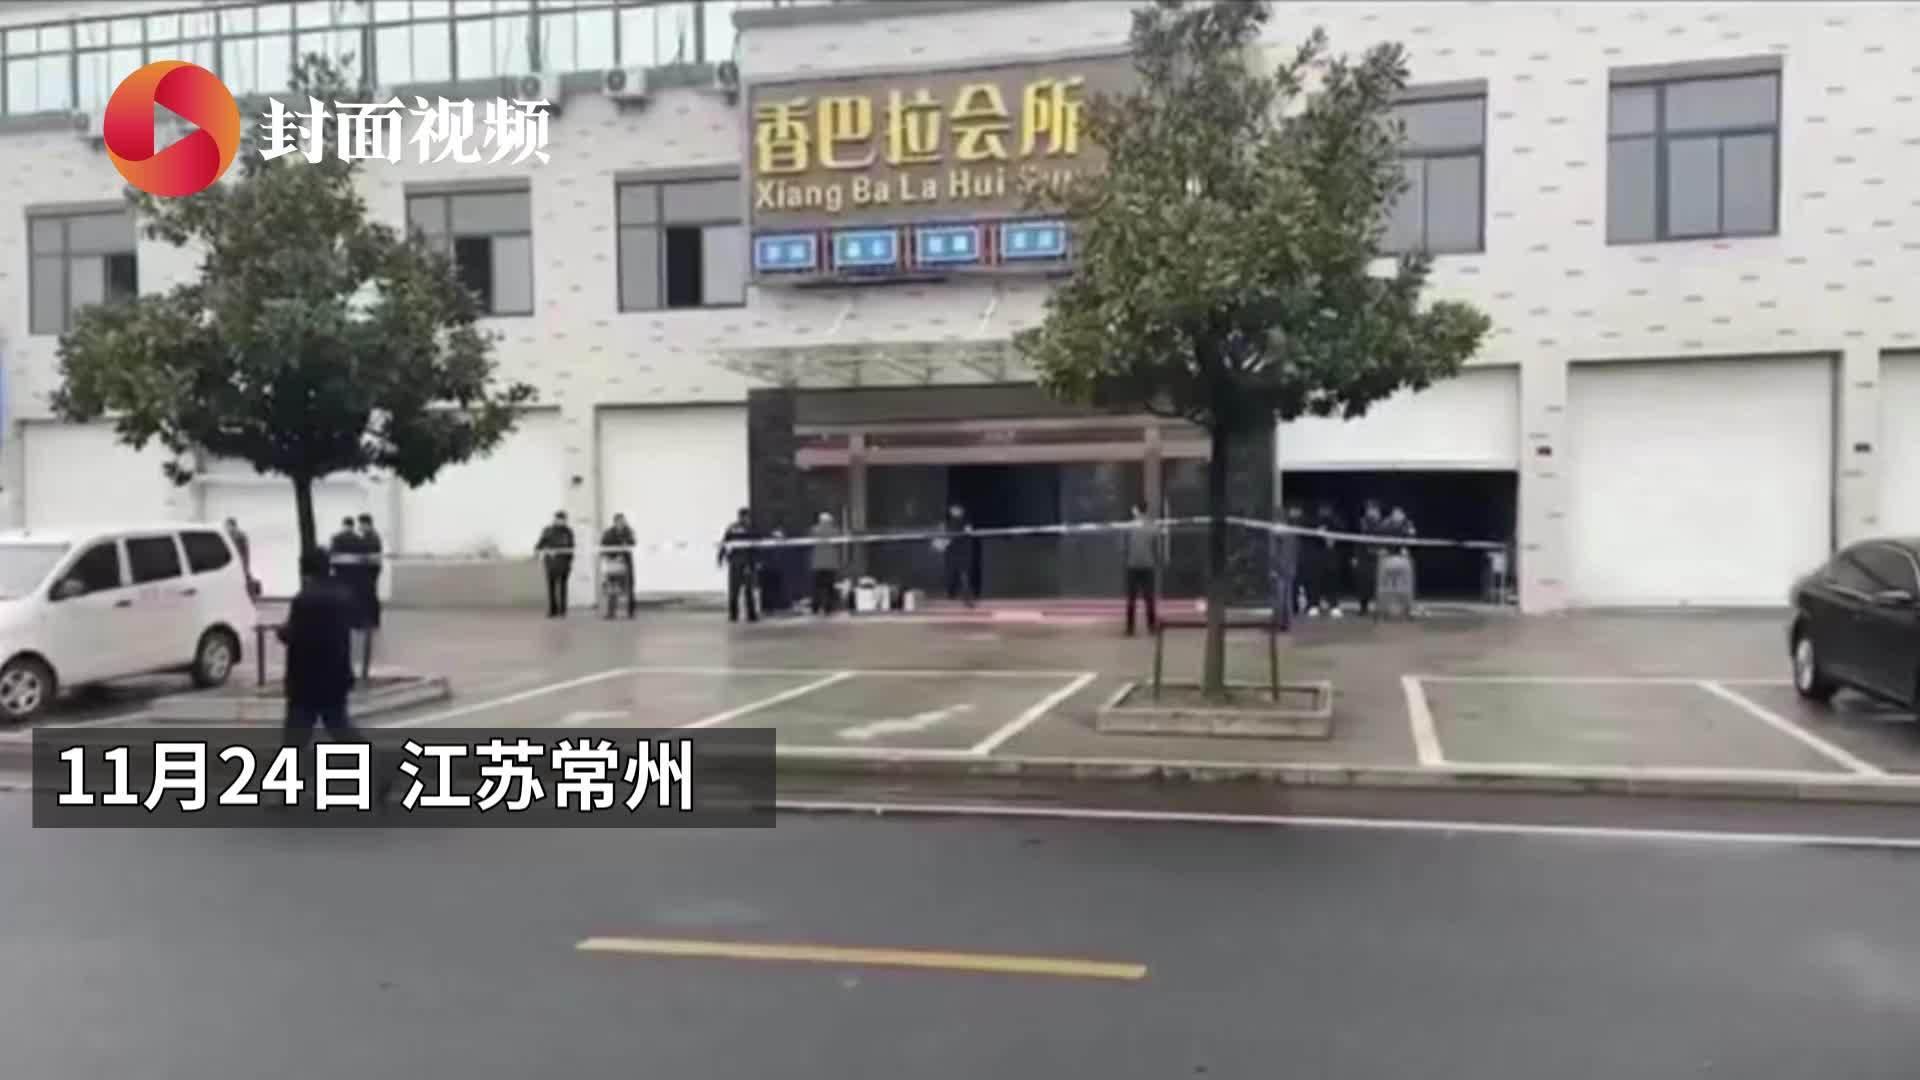 江苏溧阳发生重大刑案致1死1伤 嫌疑犯携凶器骑车逃走